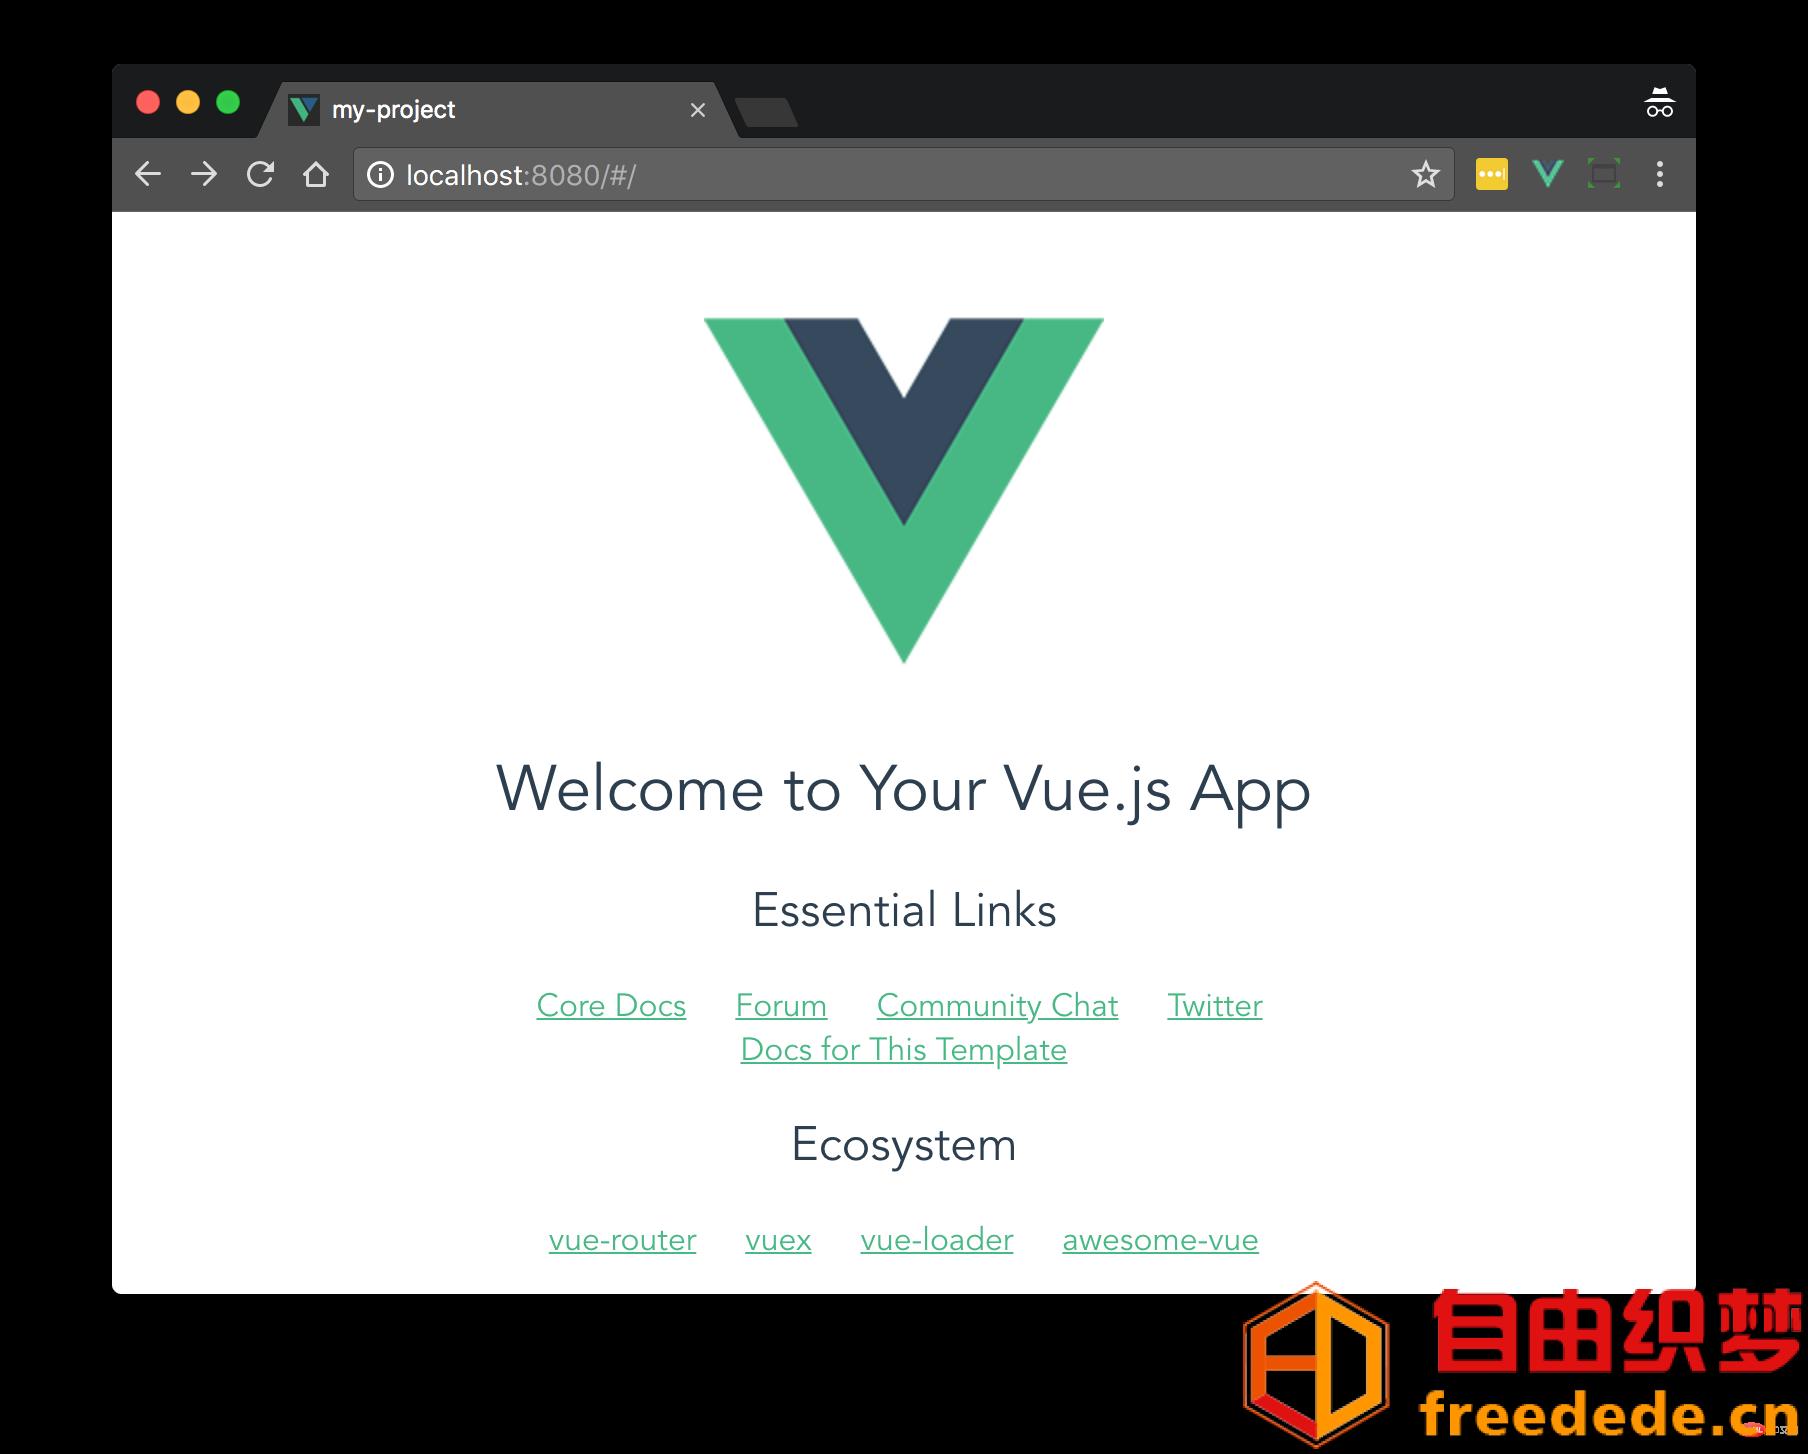 爱上源码网文章5个很棒的Vue.js项目模板的内容插图1